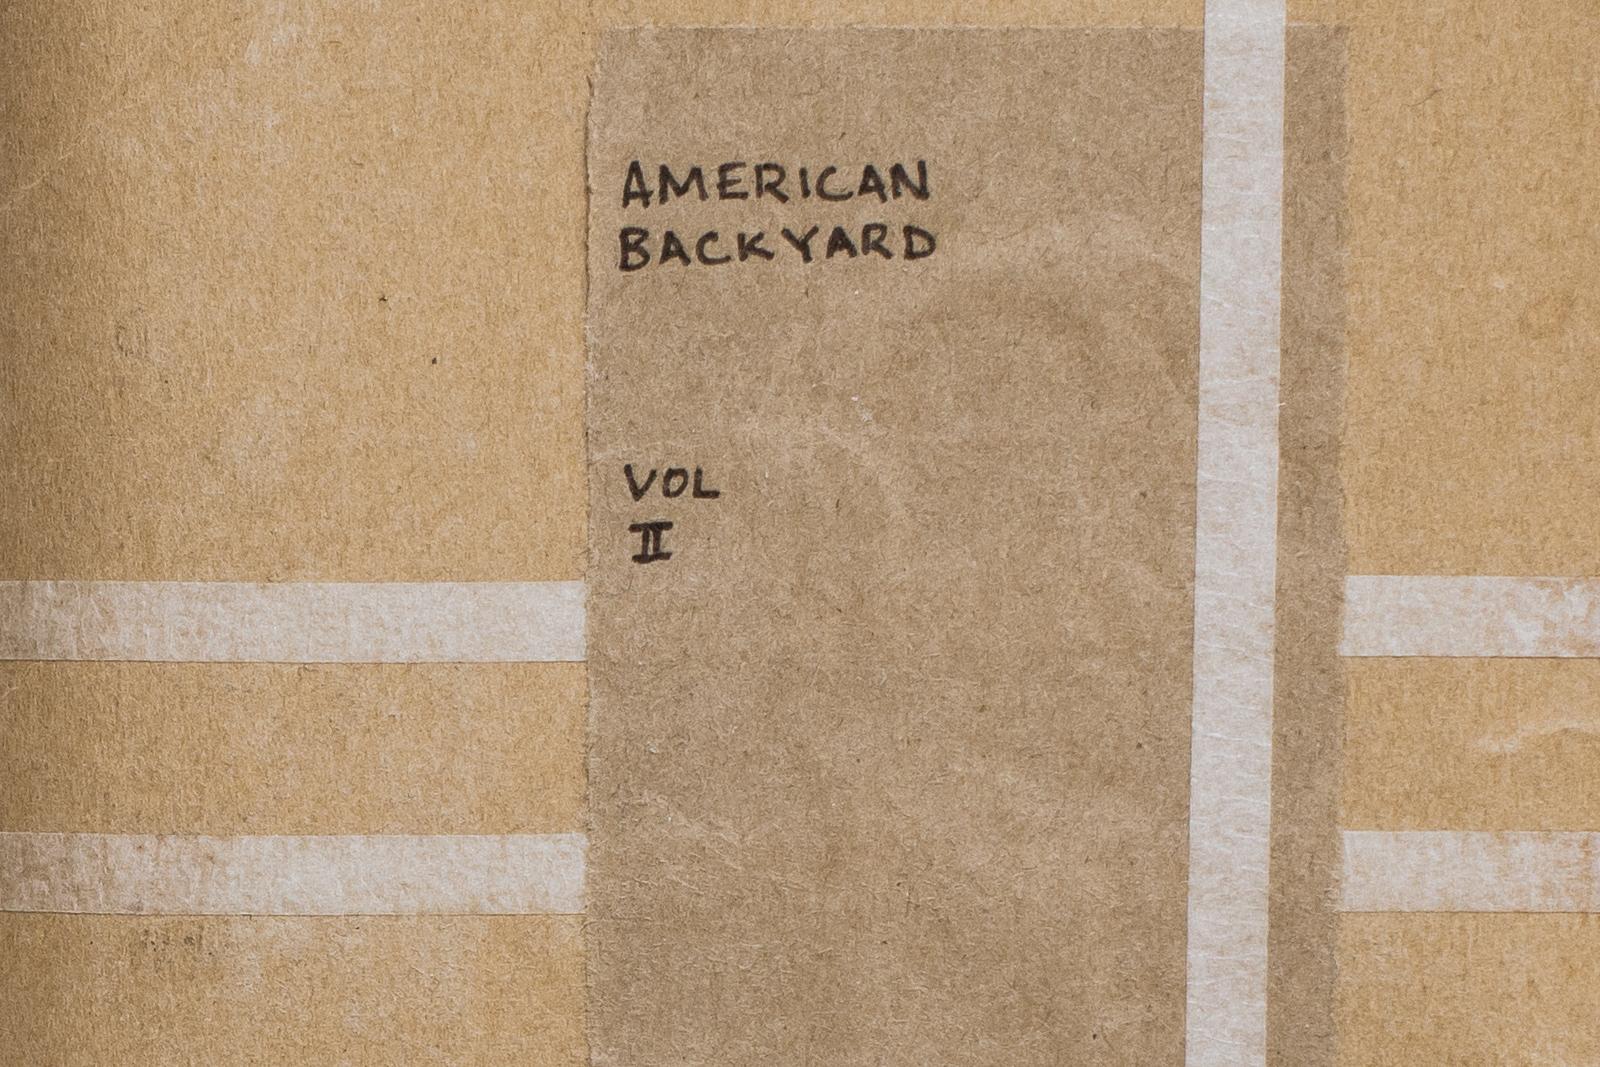 AmericanBackyardJournal_031.jpg